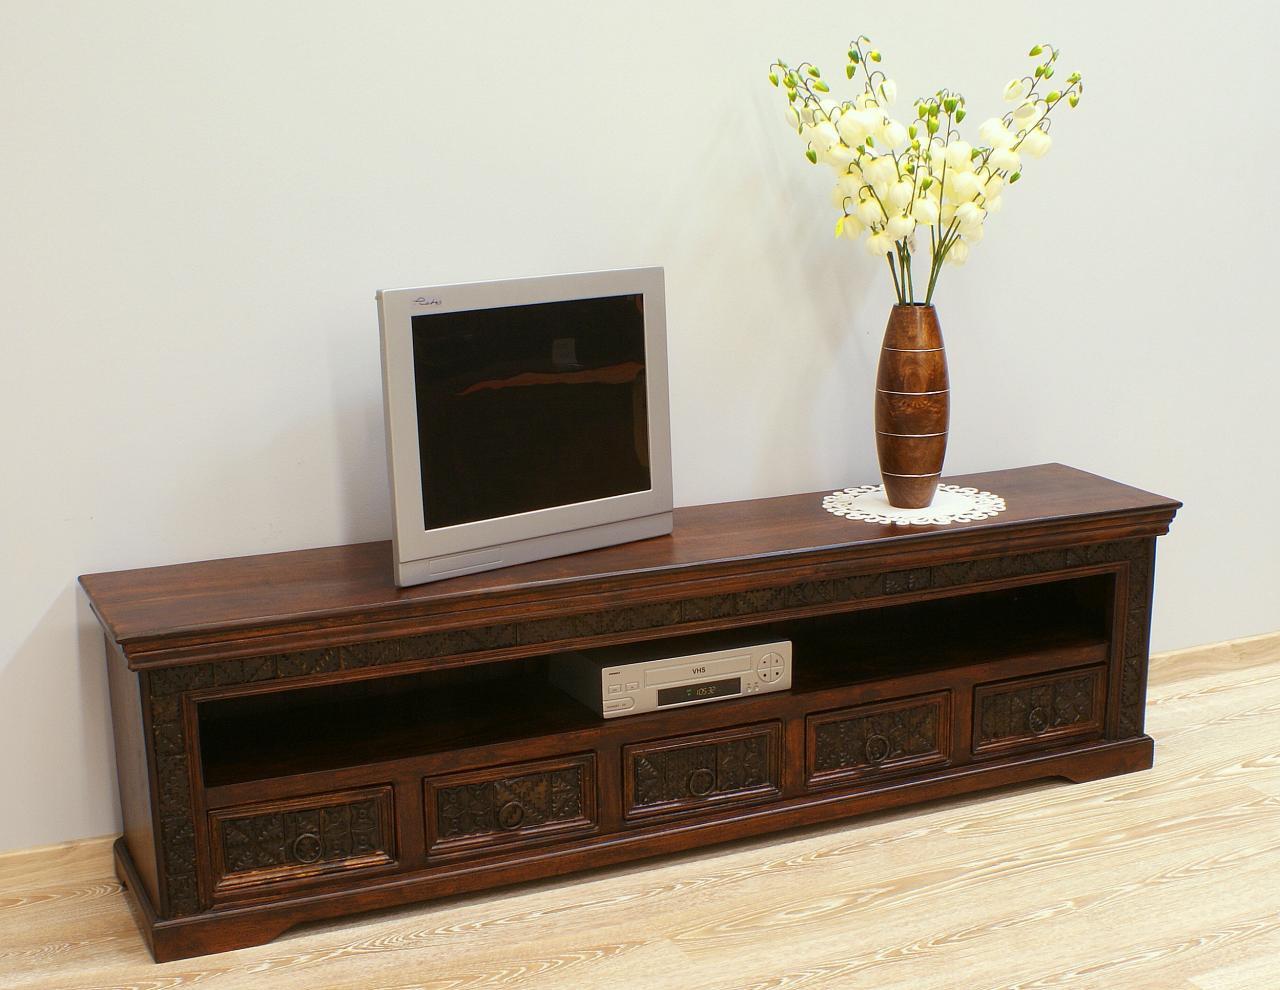 Komoda RTV szafka pod telewizor kolonialna indyjska lite drewno akacja indyjska rzeźbiona 5 szuflad